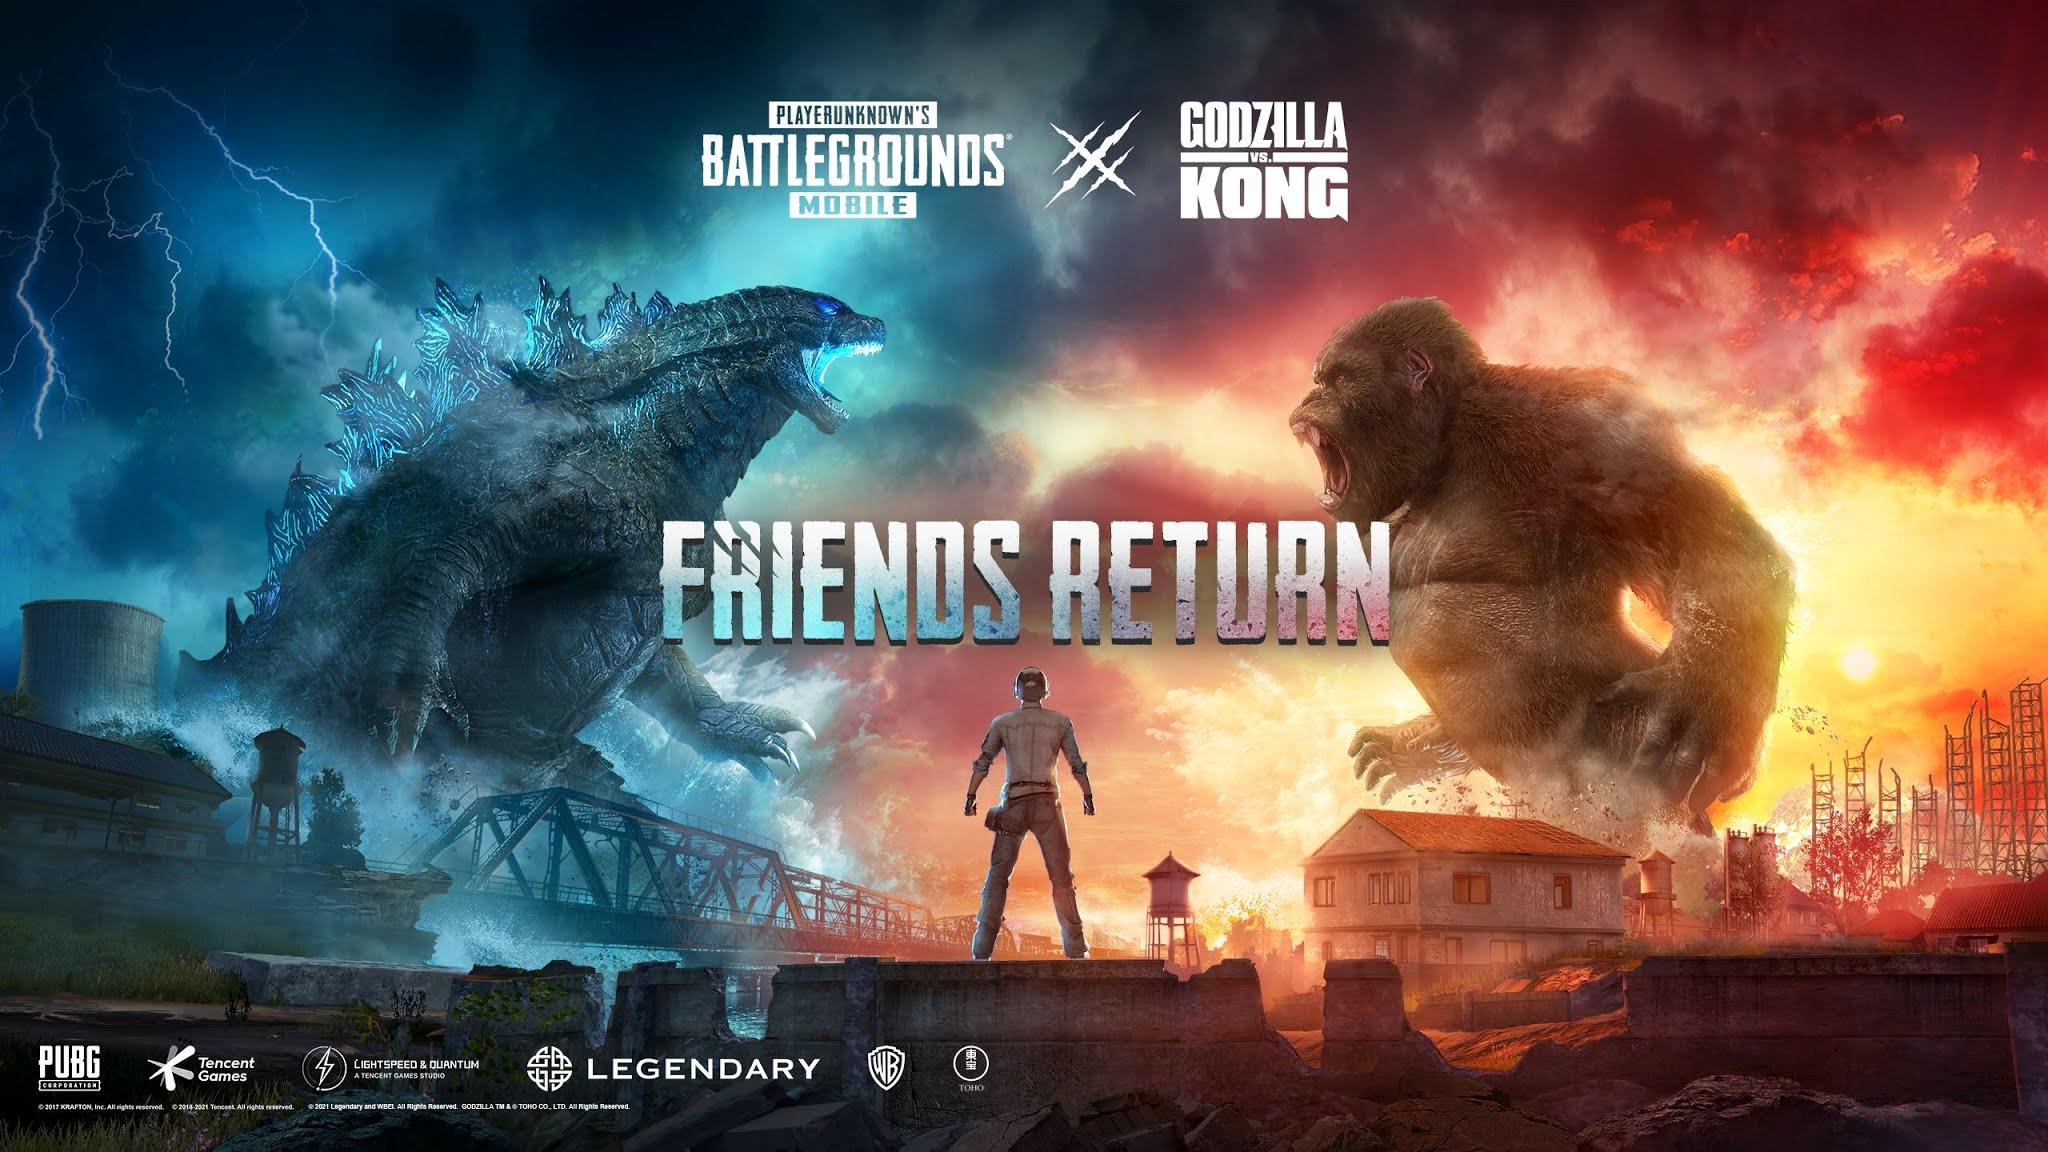 New Godzilla Vs Kong Achievement in PUBG Mobile.